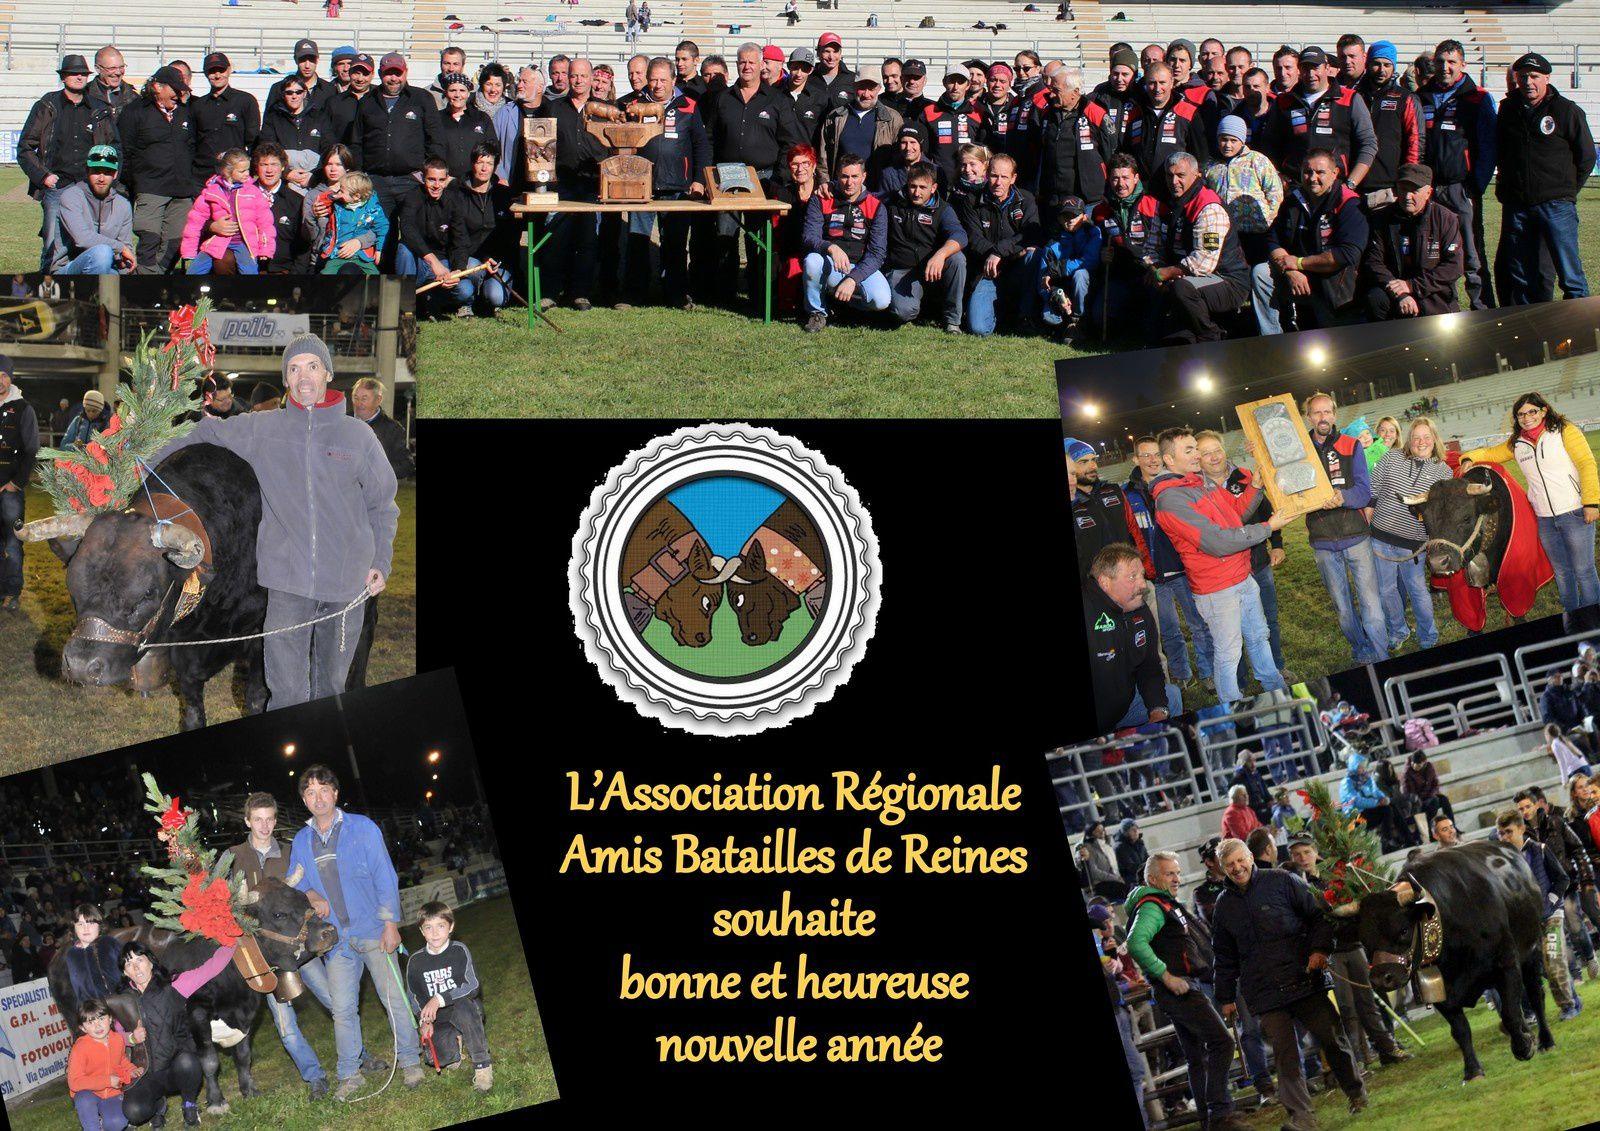 L'Association Régionale Amis Batailles de Reines souhaite bonne et heureuse nouvelle année